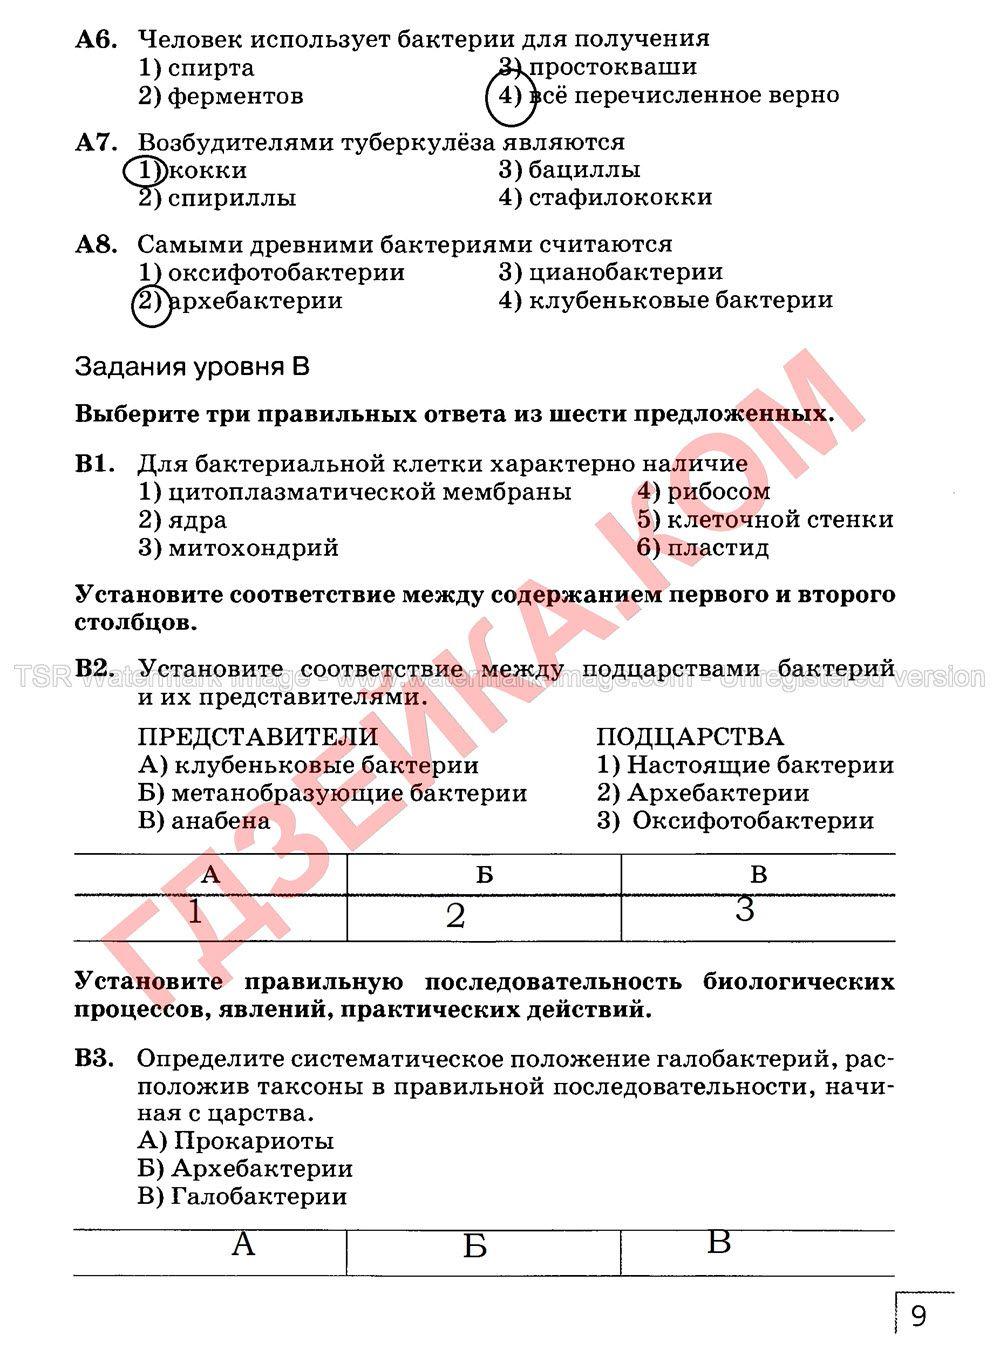 Домашнее задание по математике 6 класс с.а.козлов